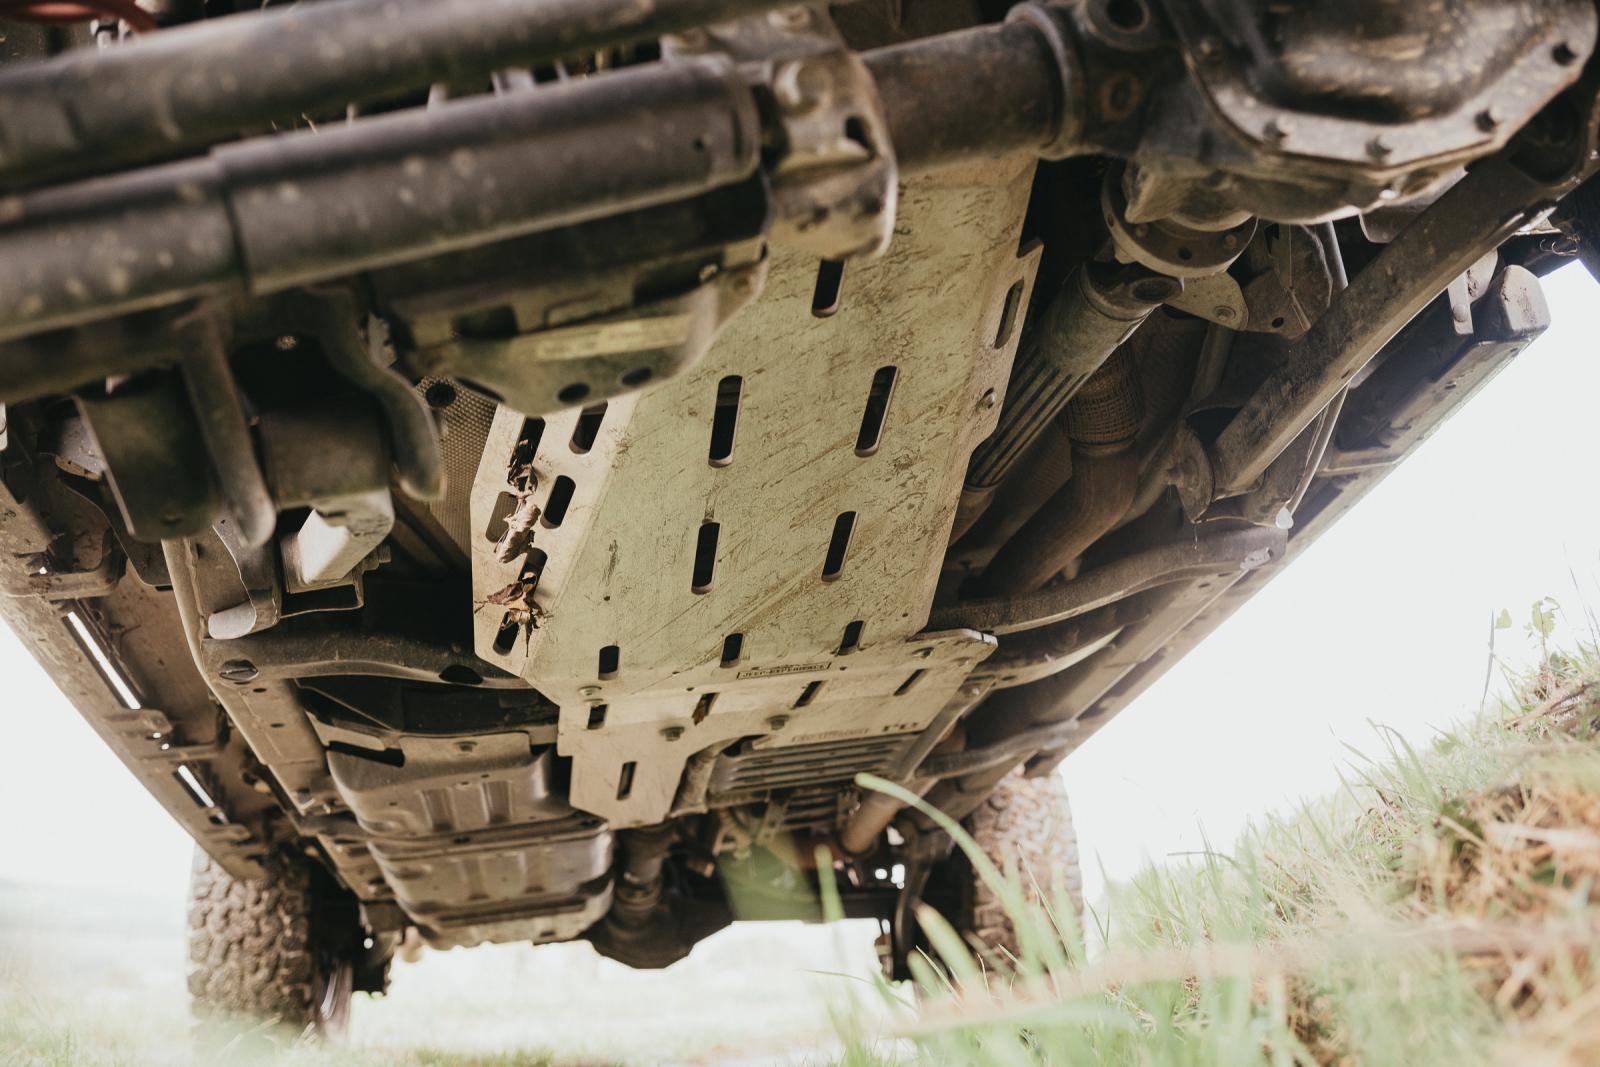 Jeep Wrangler JLU Rubicon - Untenrum gut geschützt.